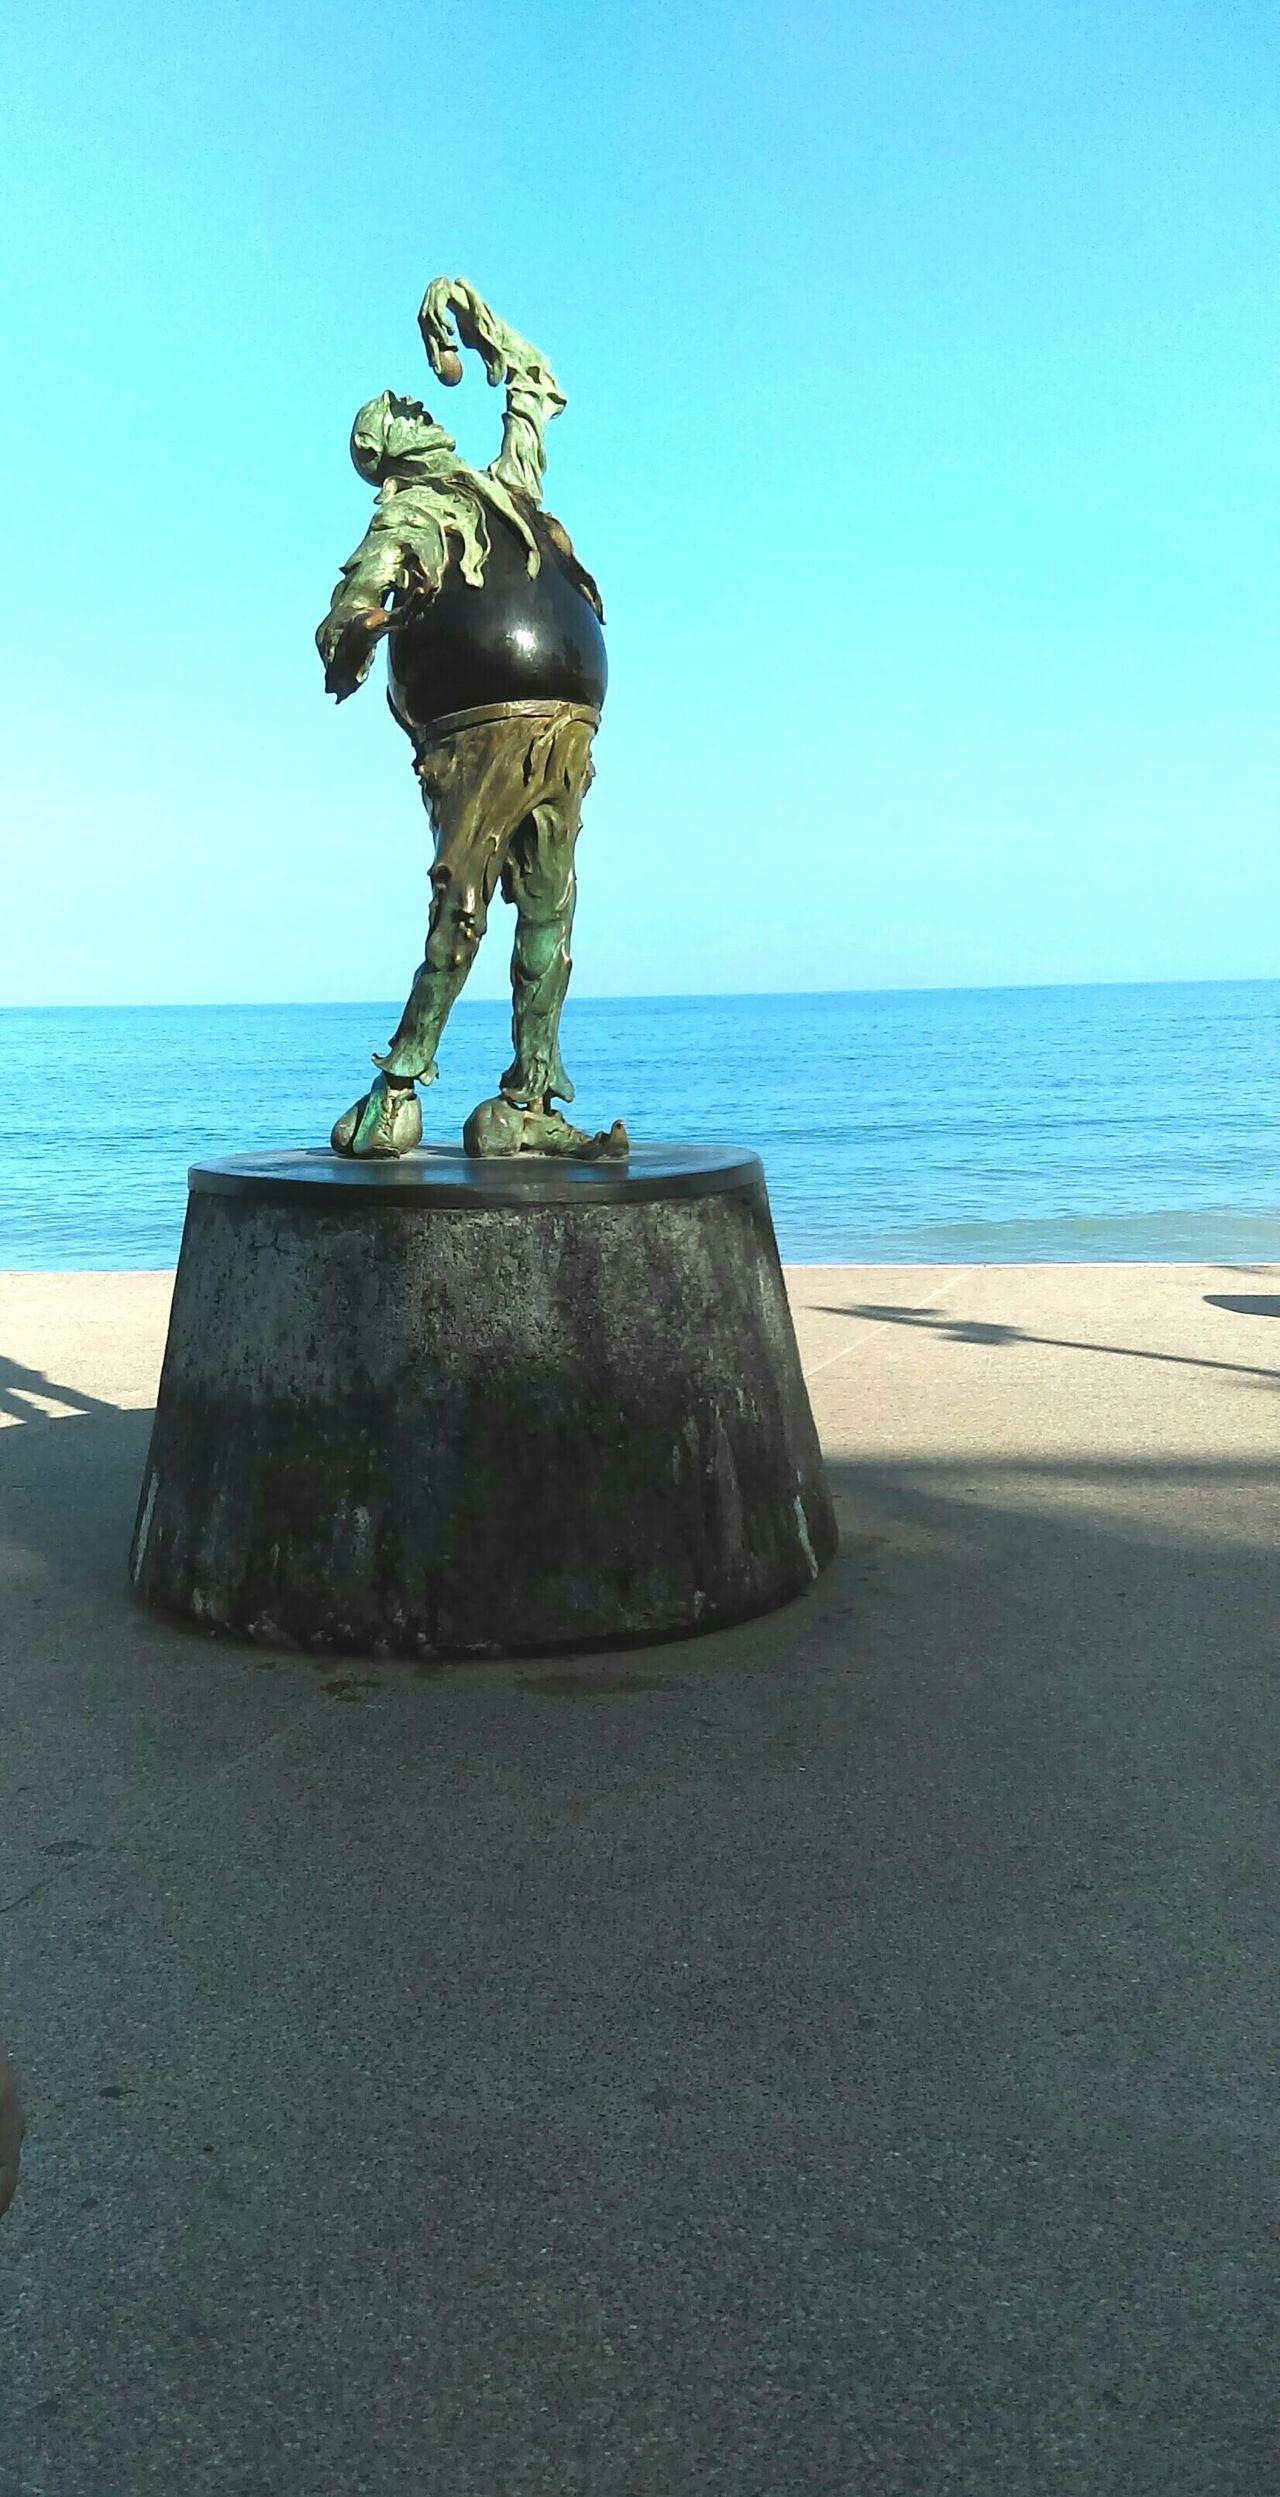 Estatua Postal Mar Playa Orilla Del Mar Esculturas Y Estatuas Bellas Artes Beach Day Sky Water Paisaje Feliz